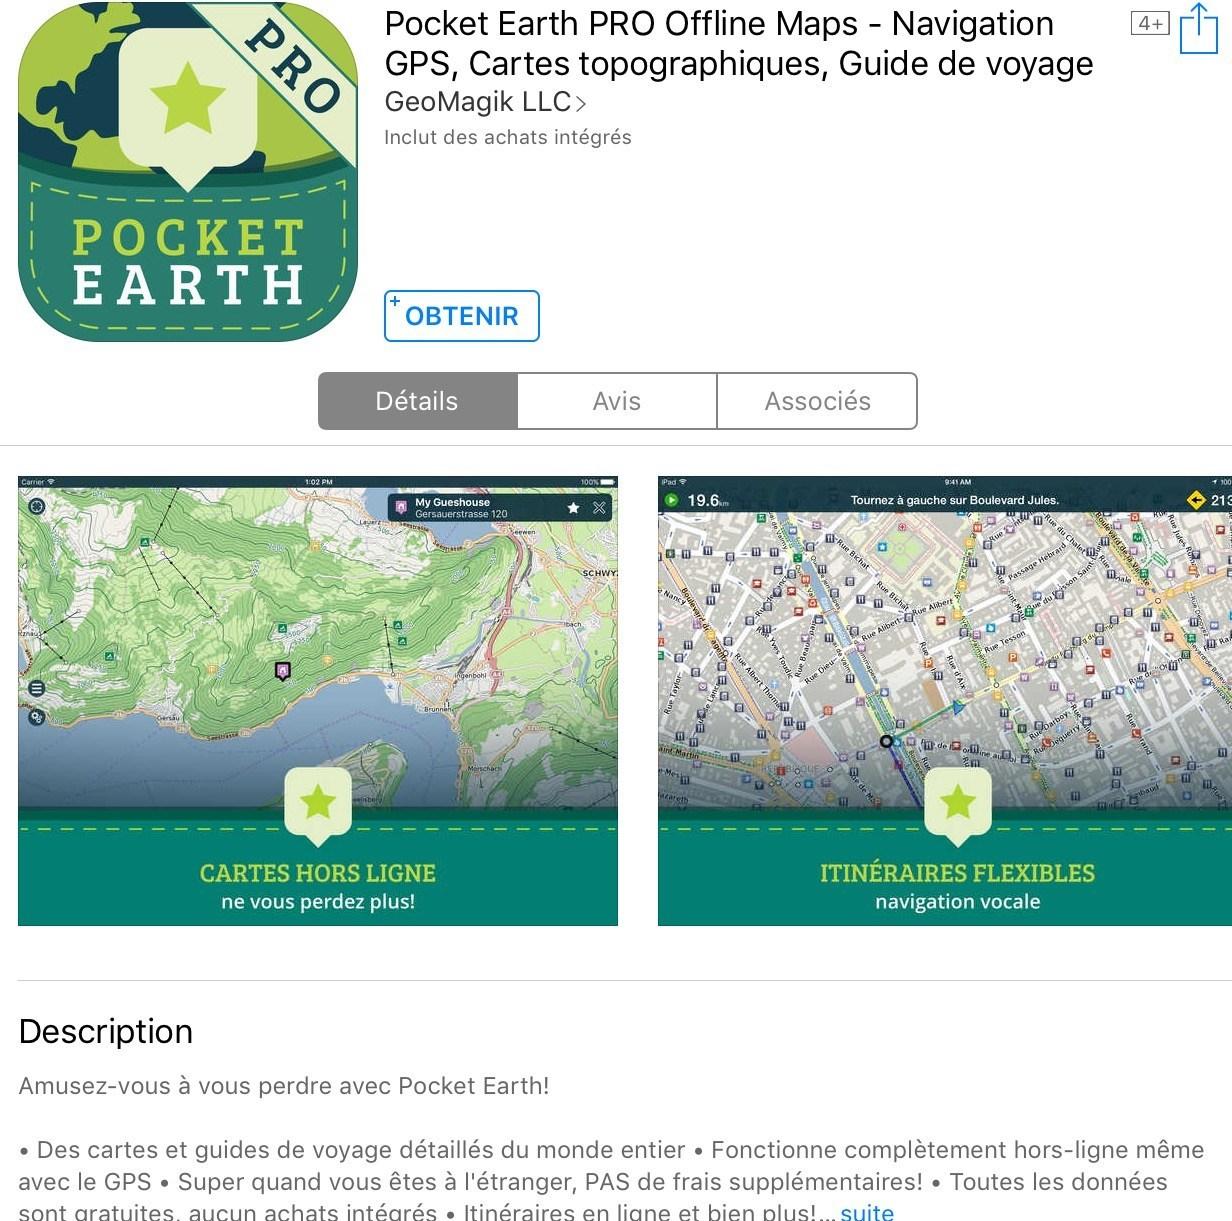 gratuit au lieu de 4 99 app ios pocket earth pro offline maps navigation gps cartes topographique. Black Bedroom Furniture Sets. Home Design Ideas